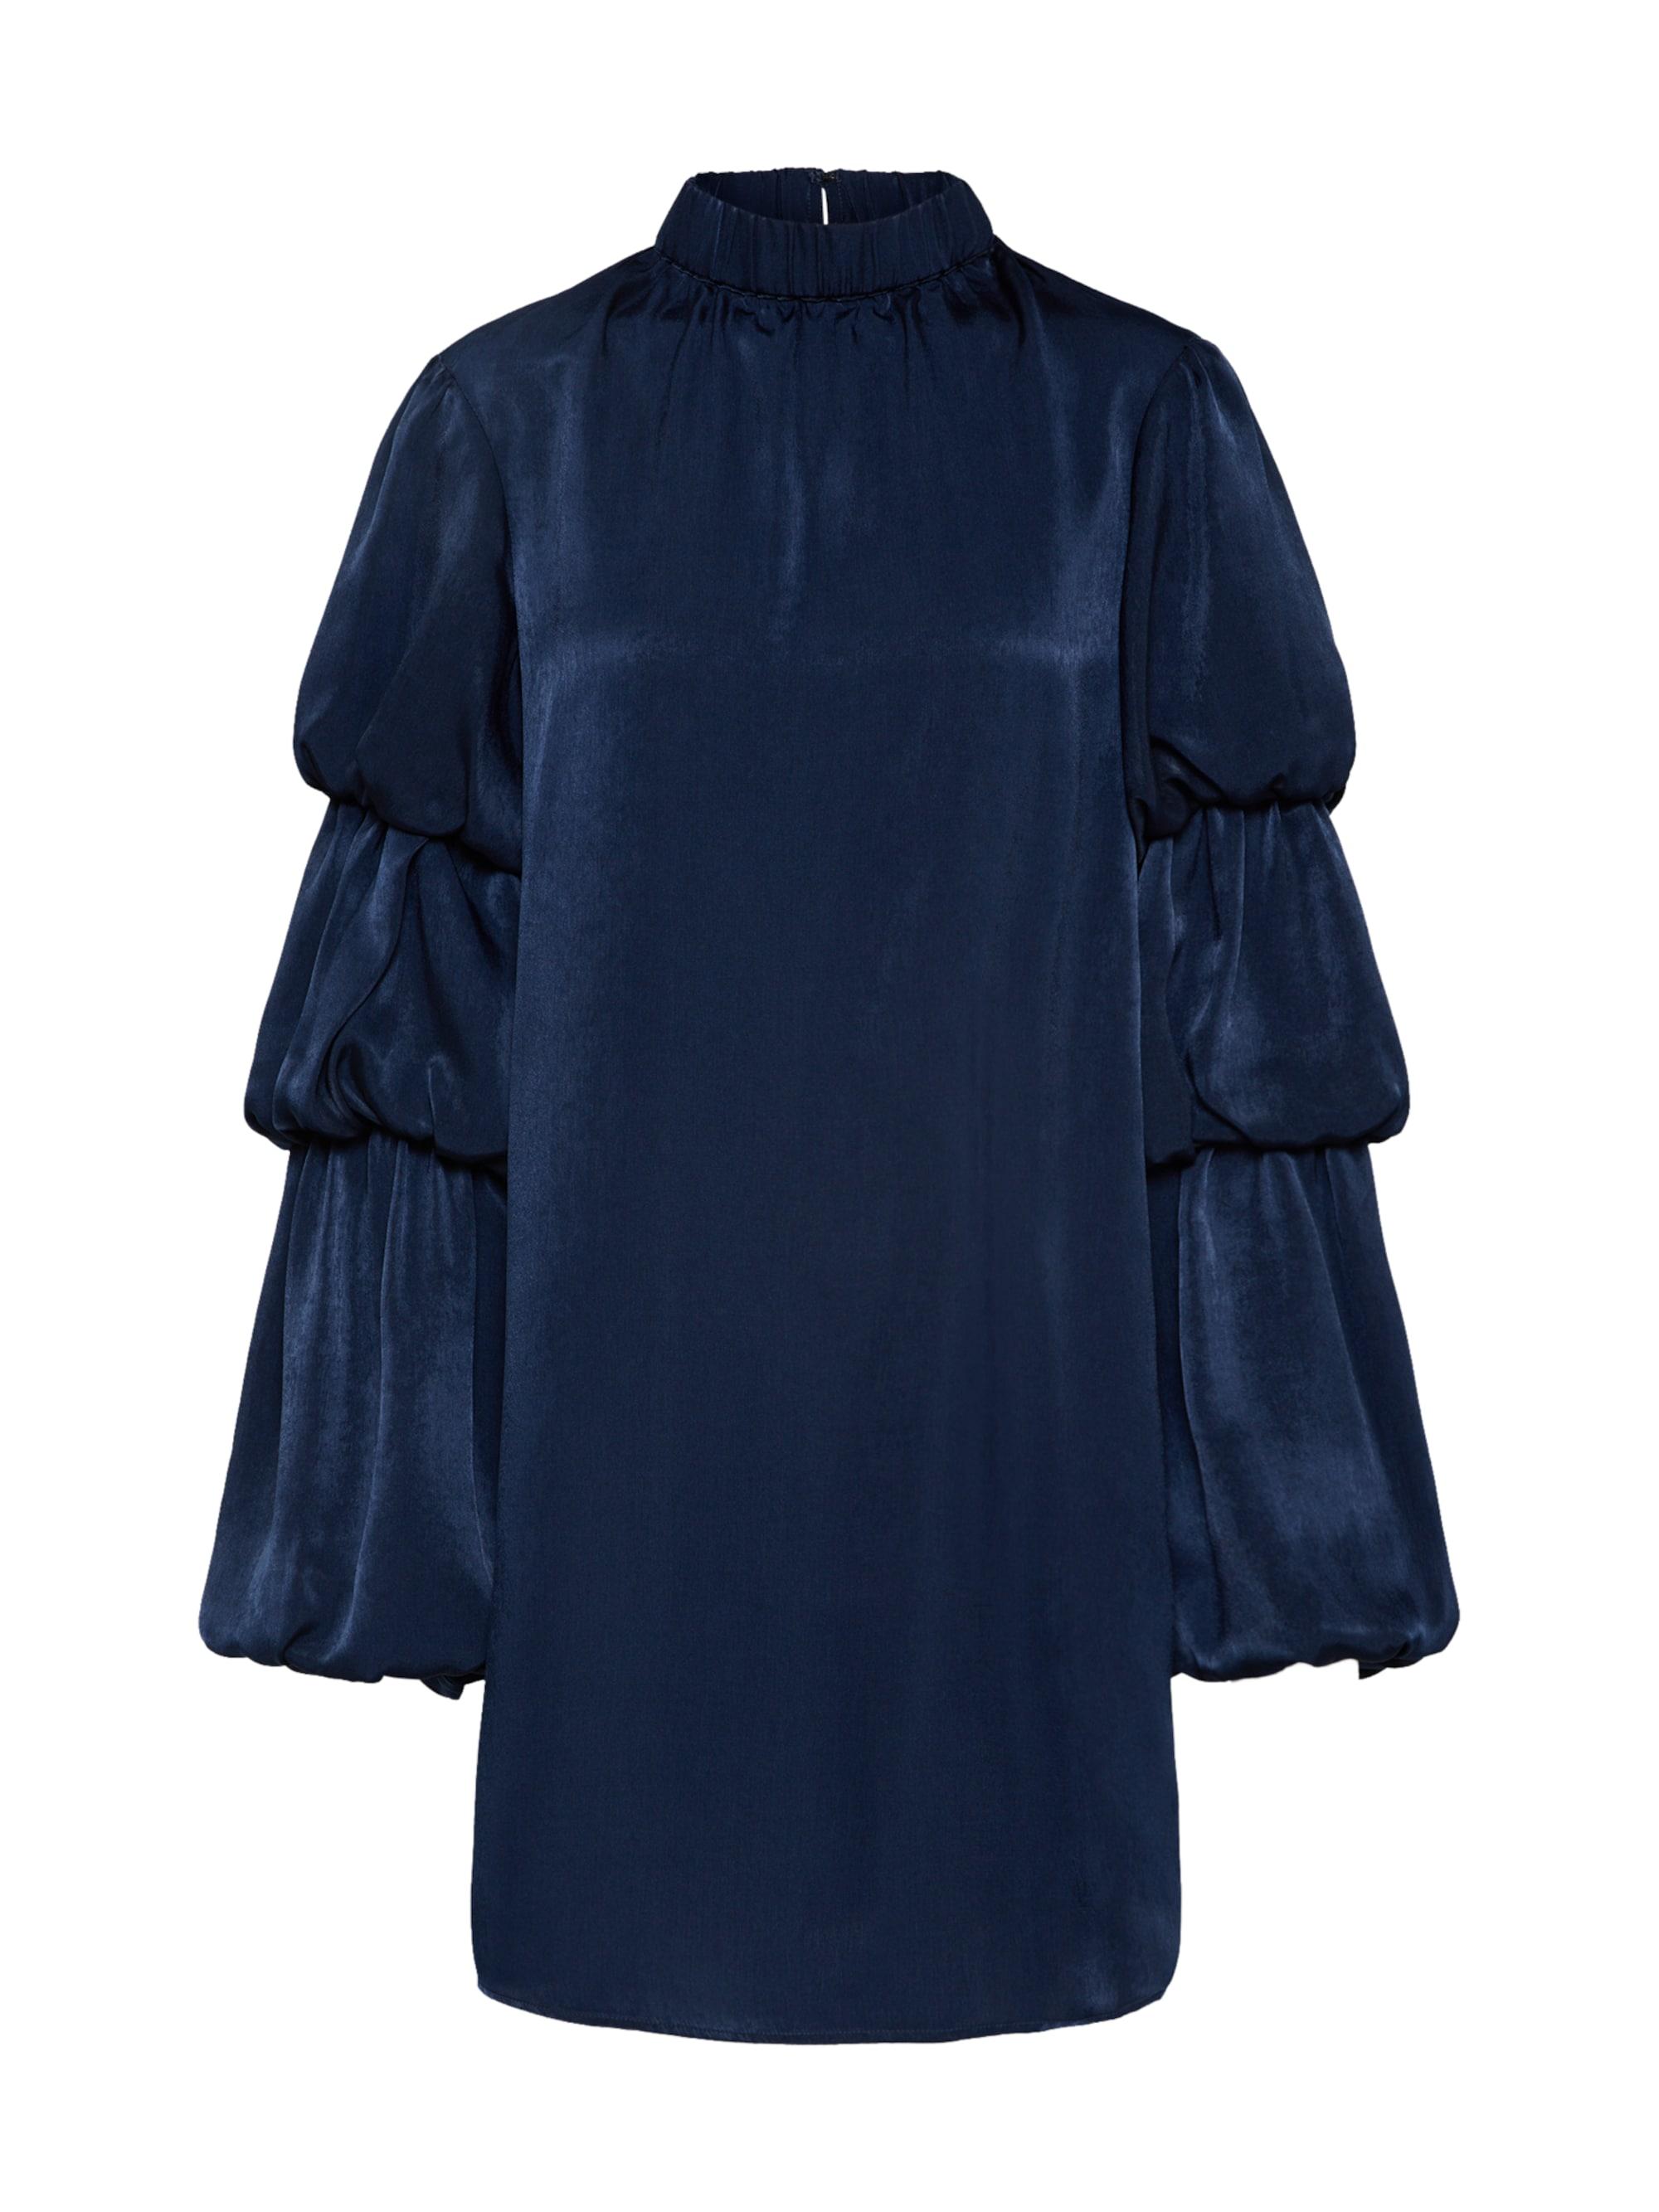 Image of Abendkleid mit Auffälligen Ärmeln